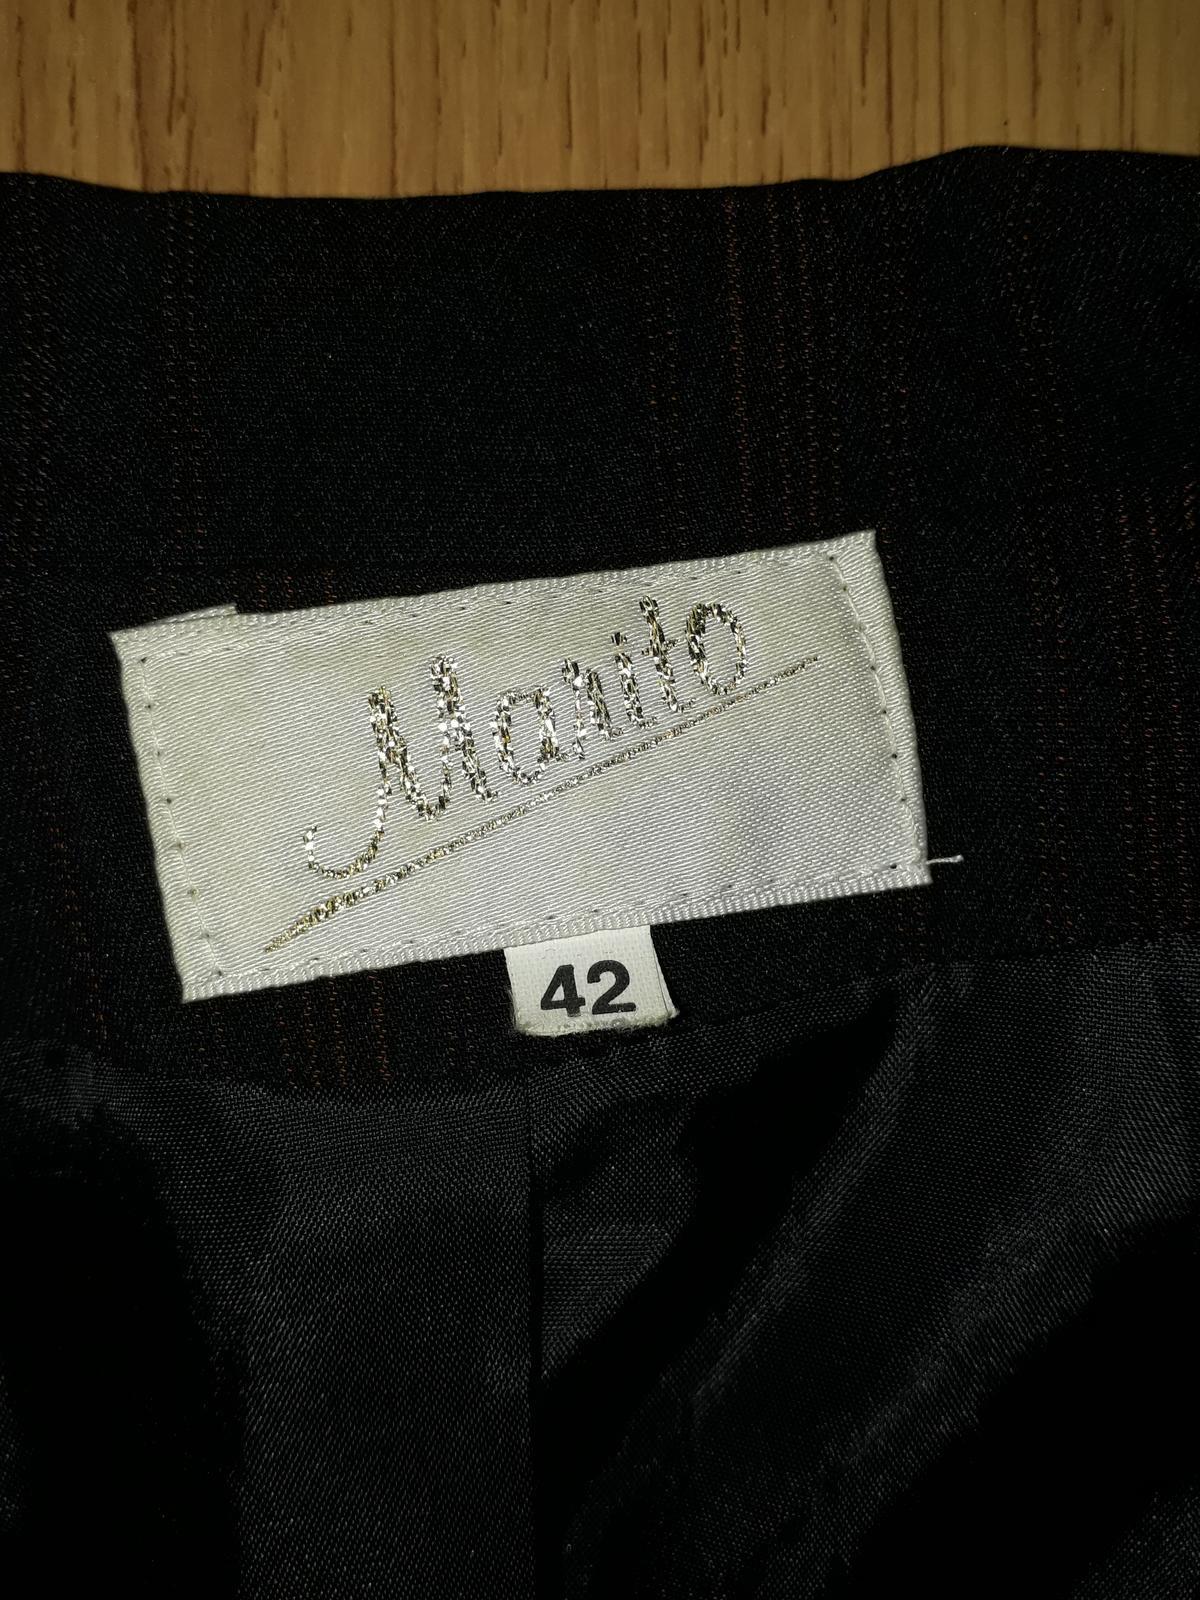 dámský kalhotový kostým s oranžovým proužkem 40/42 - Obrázek č. 4